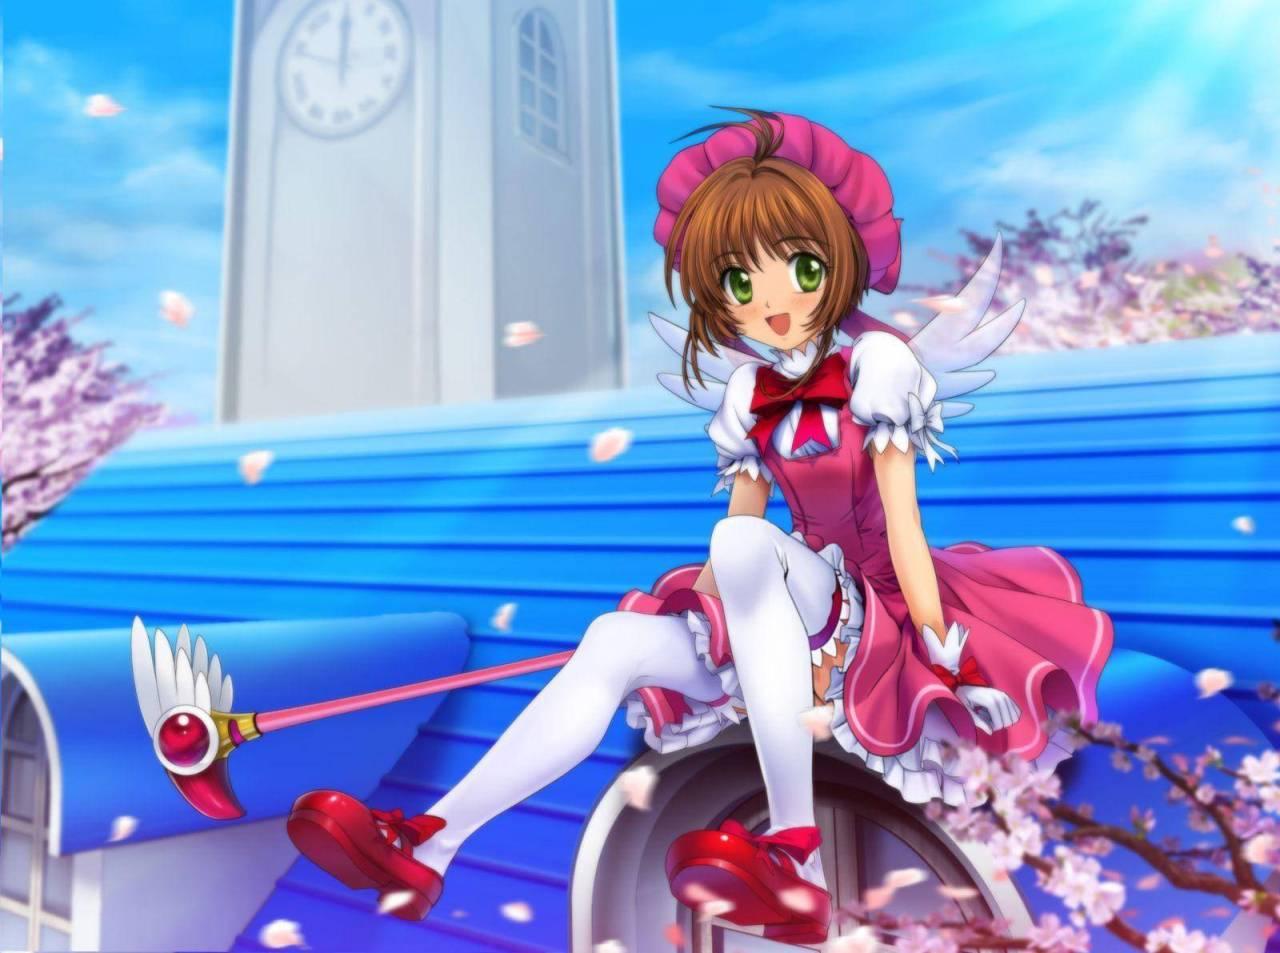 Cadcaptor Sakura